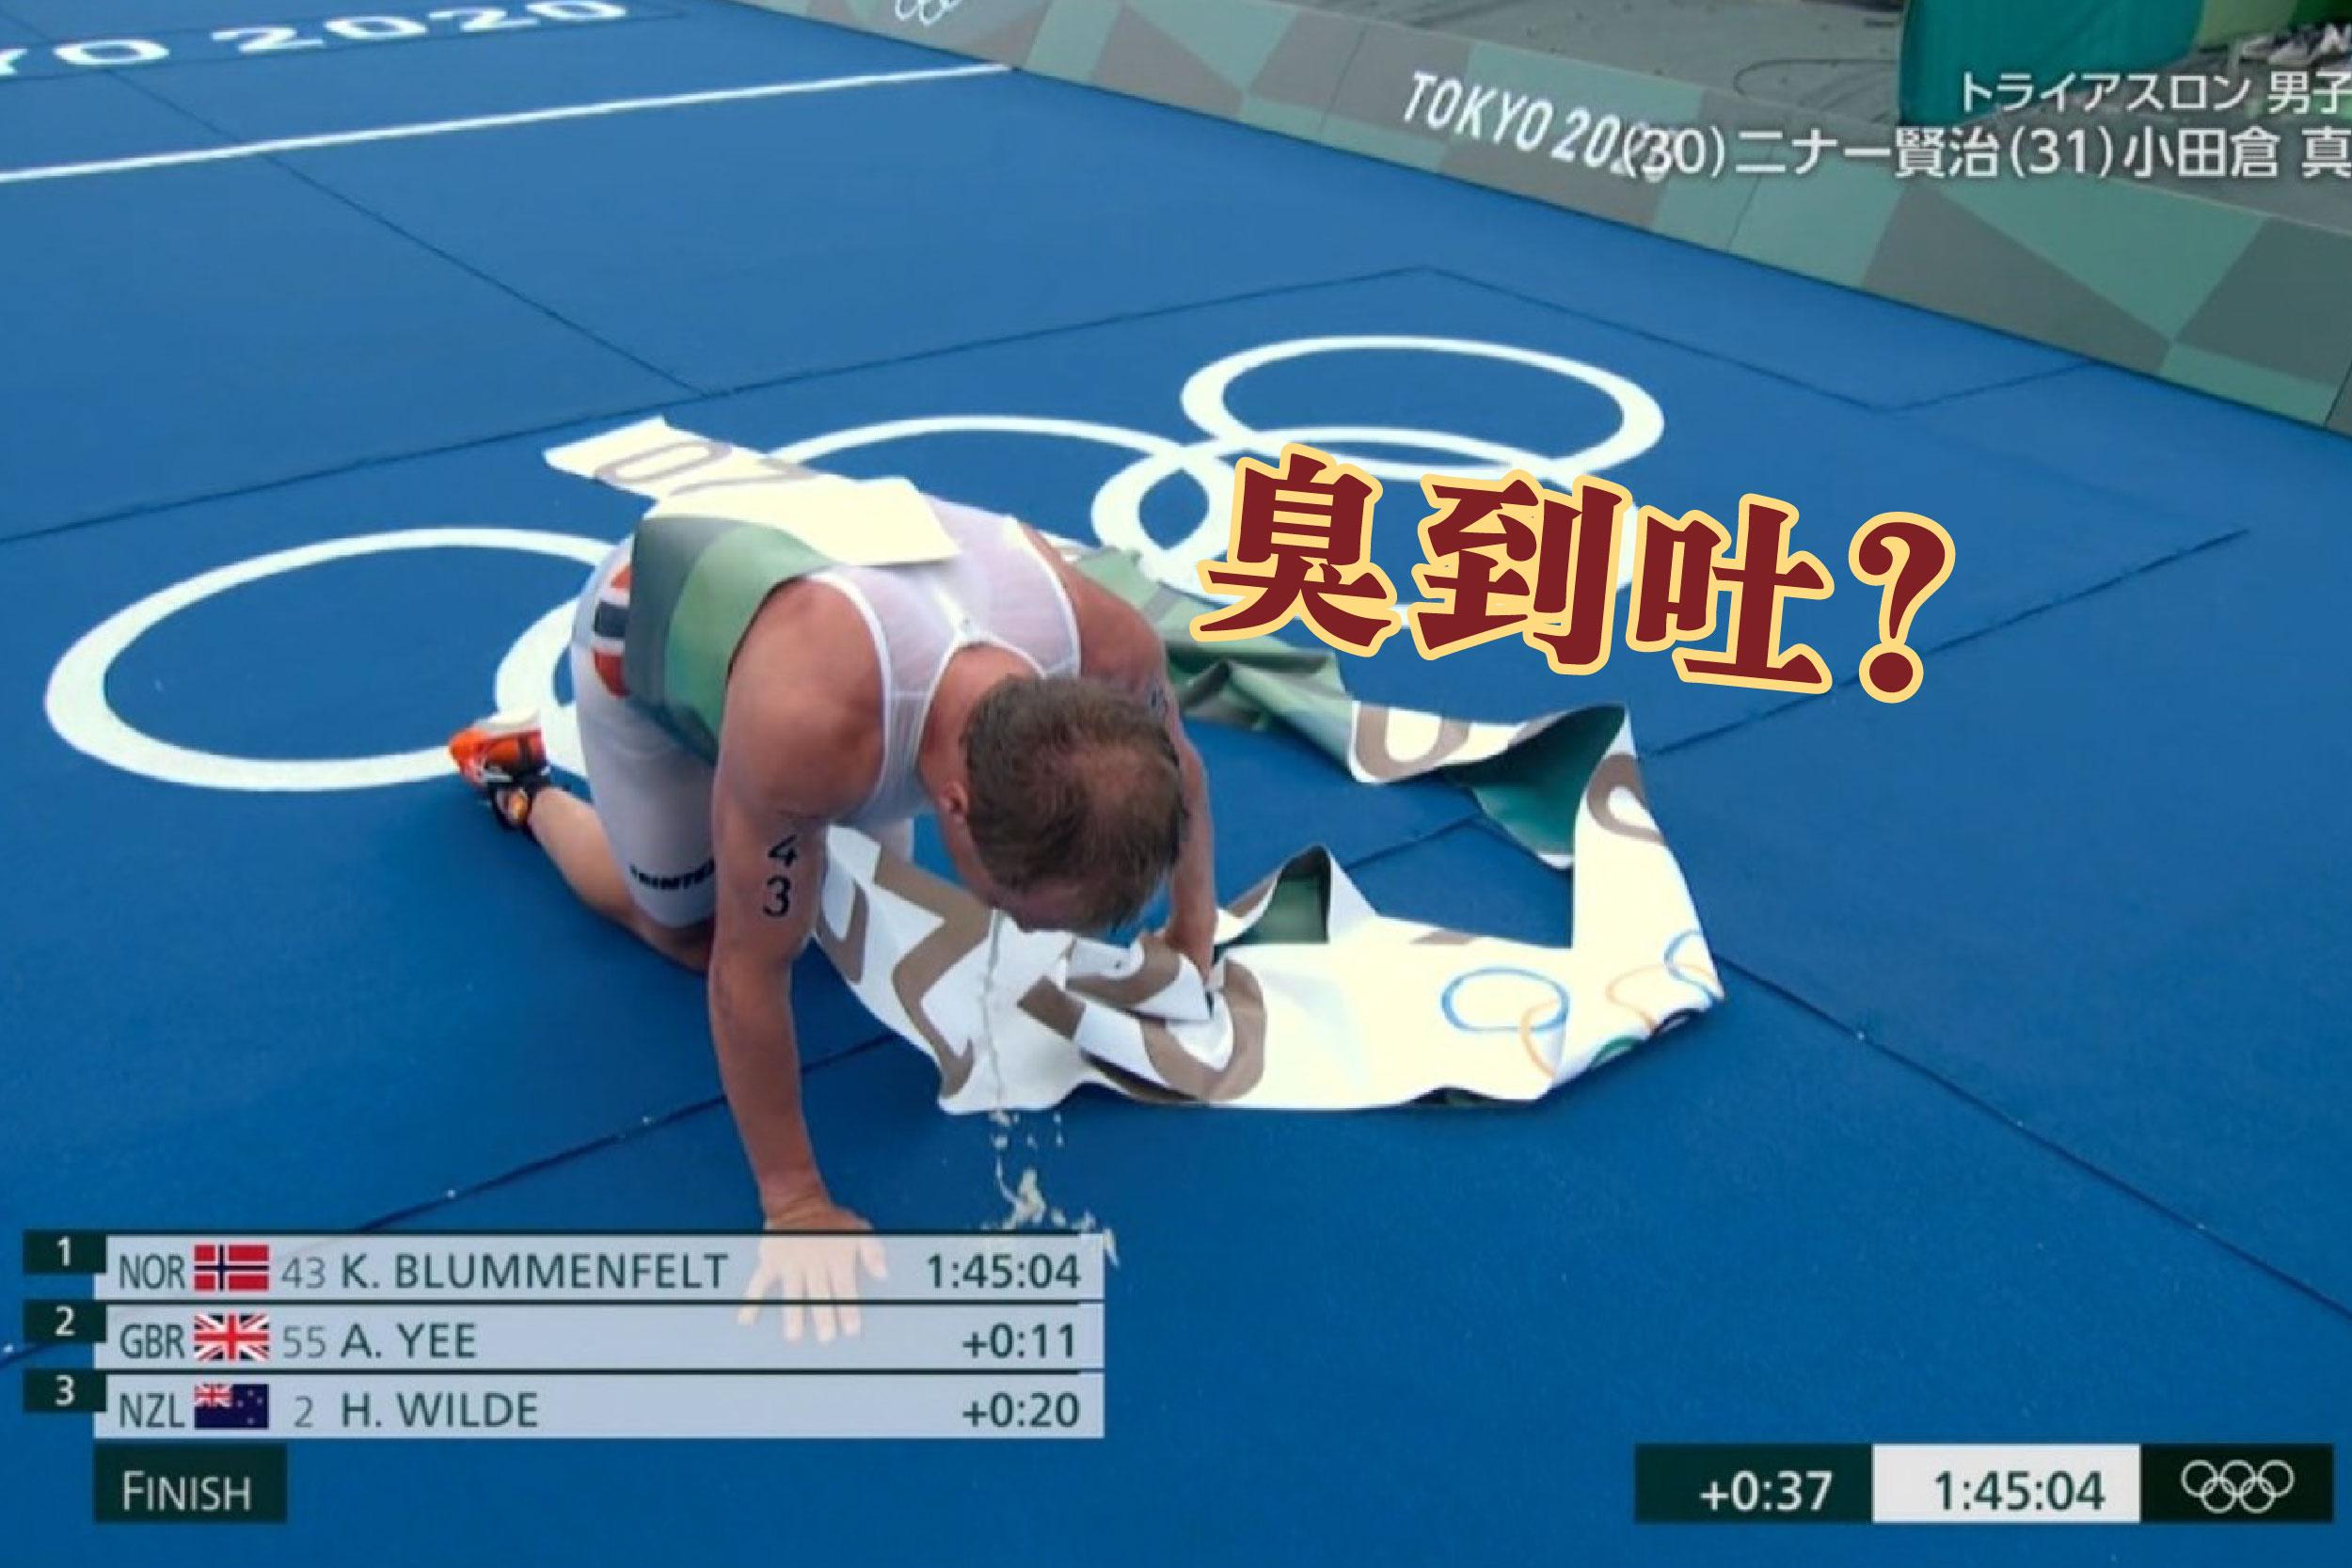 铁人三项男子组赛事于26日(周一)率先完成比赛,惟多名选手在赛后出现呕吐情况,日本网友见状后直指此事恐与东京湾水质有关!-精彩大马制图-